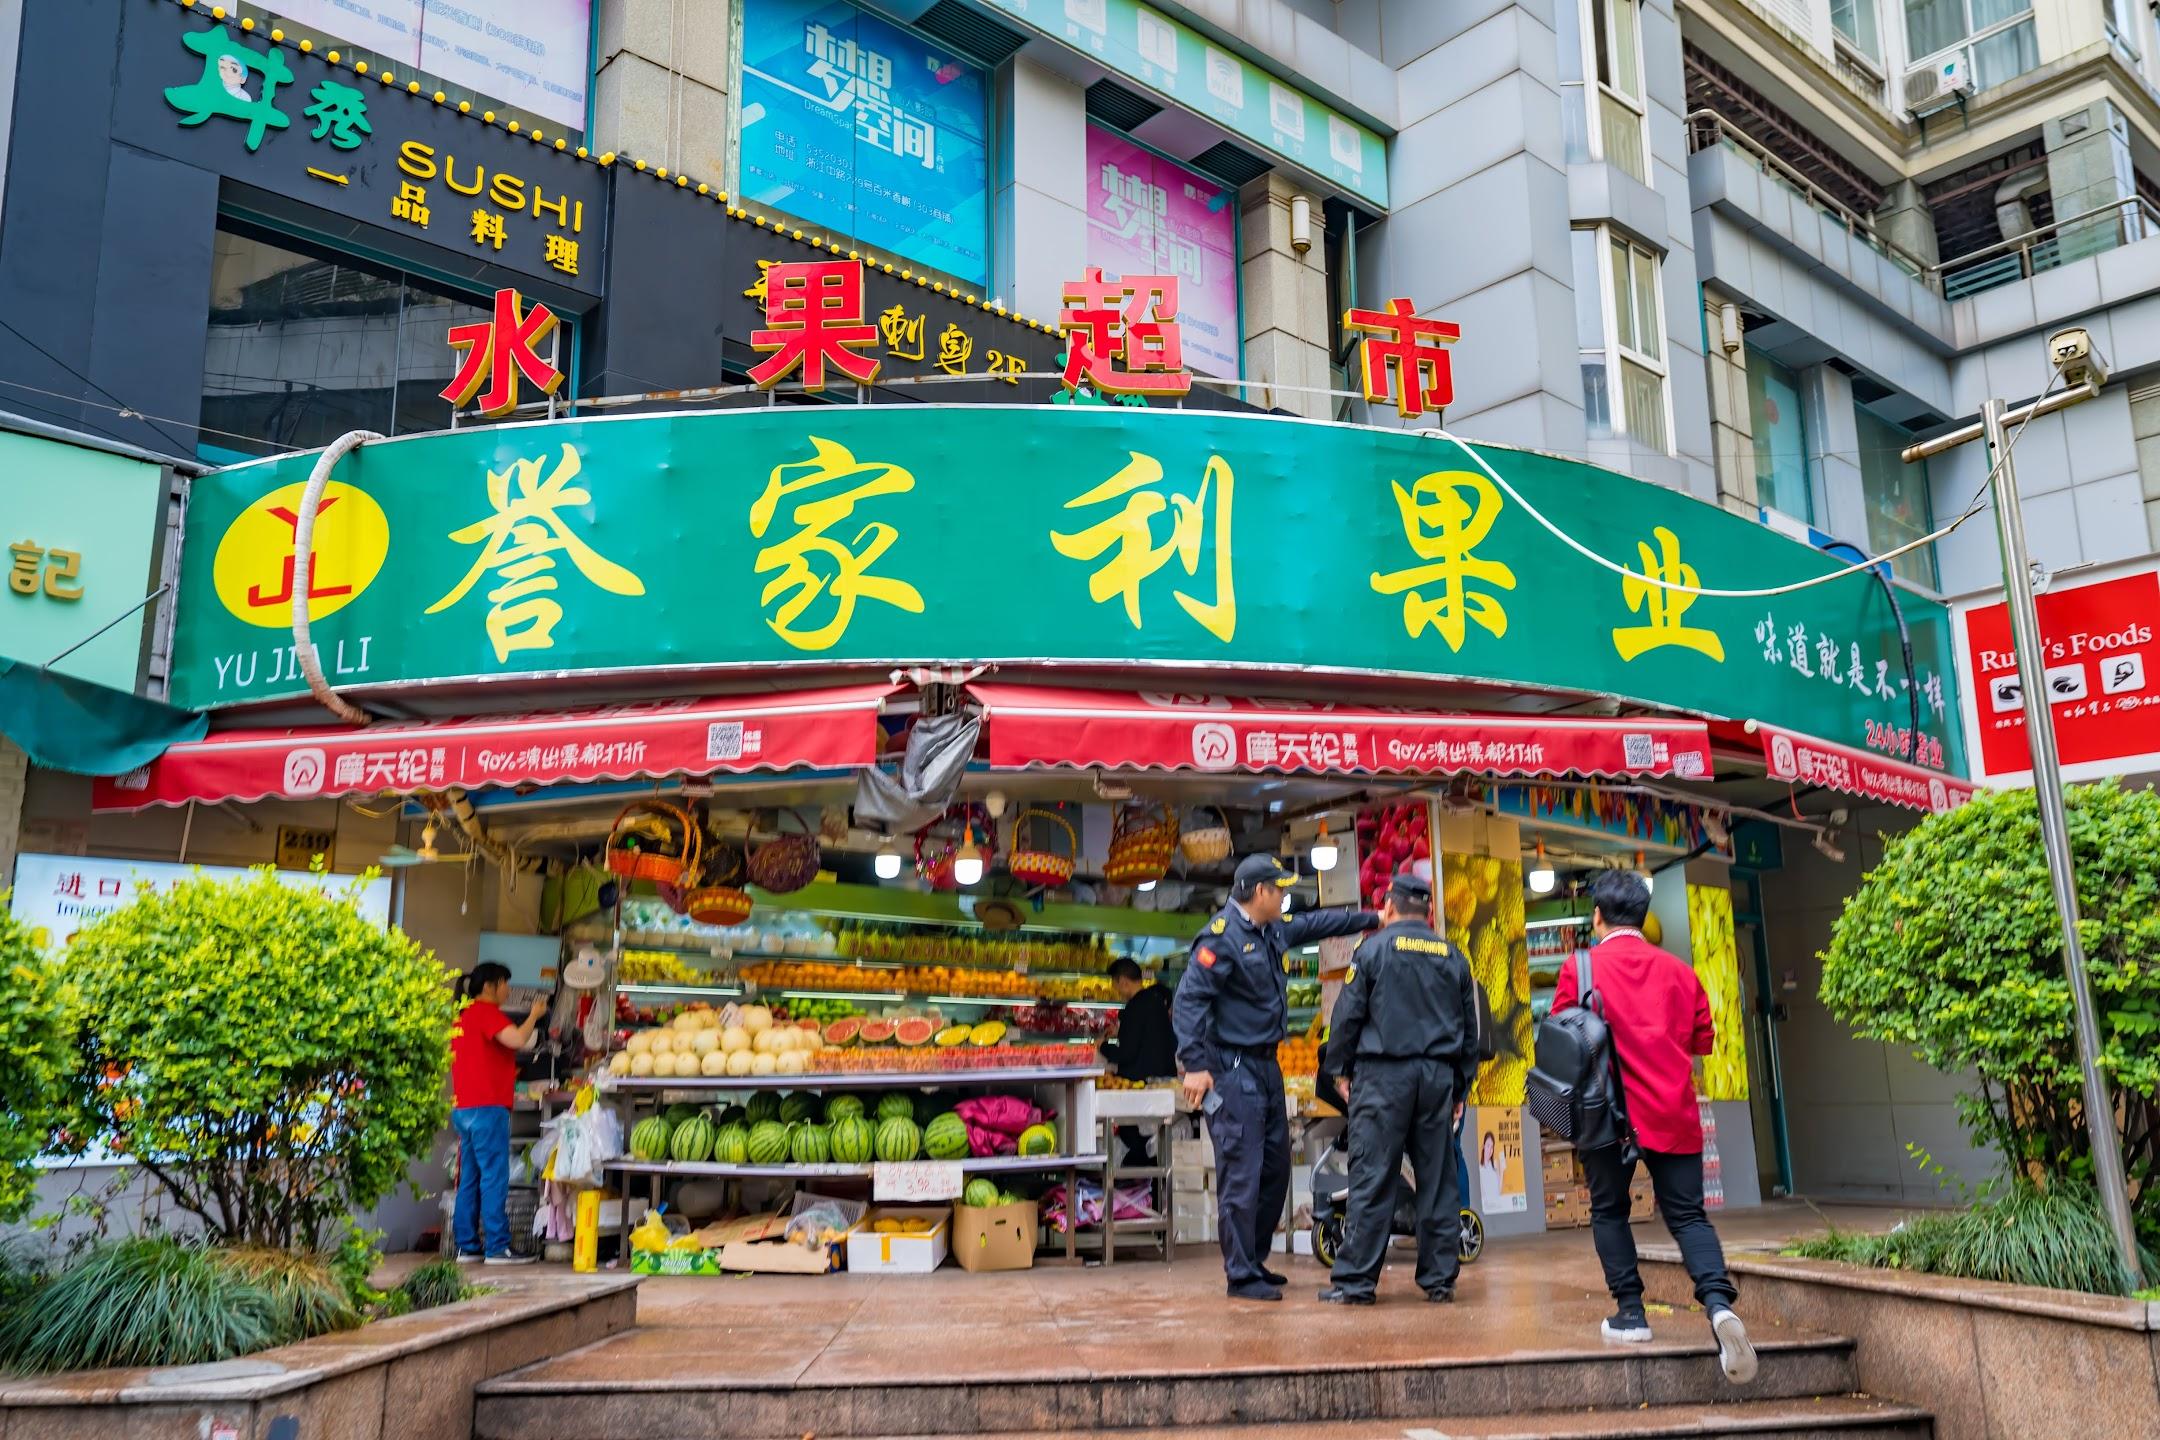 上海 ストリートスナップ2